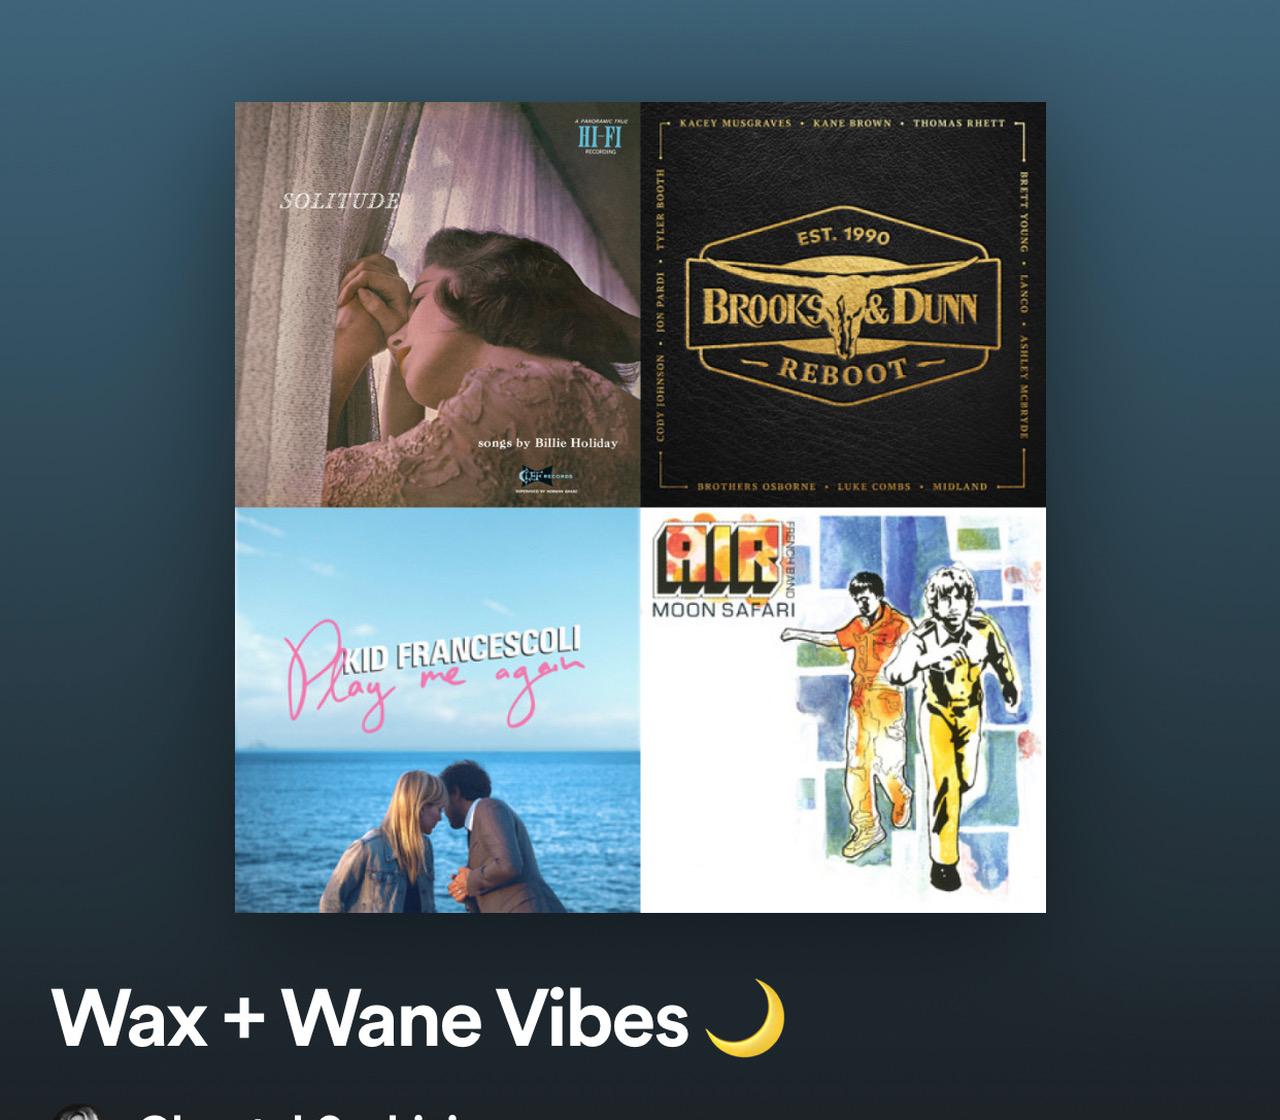 Wax + Wane Vibes Spotify Playlist